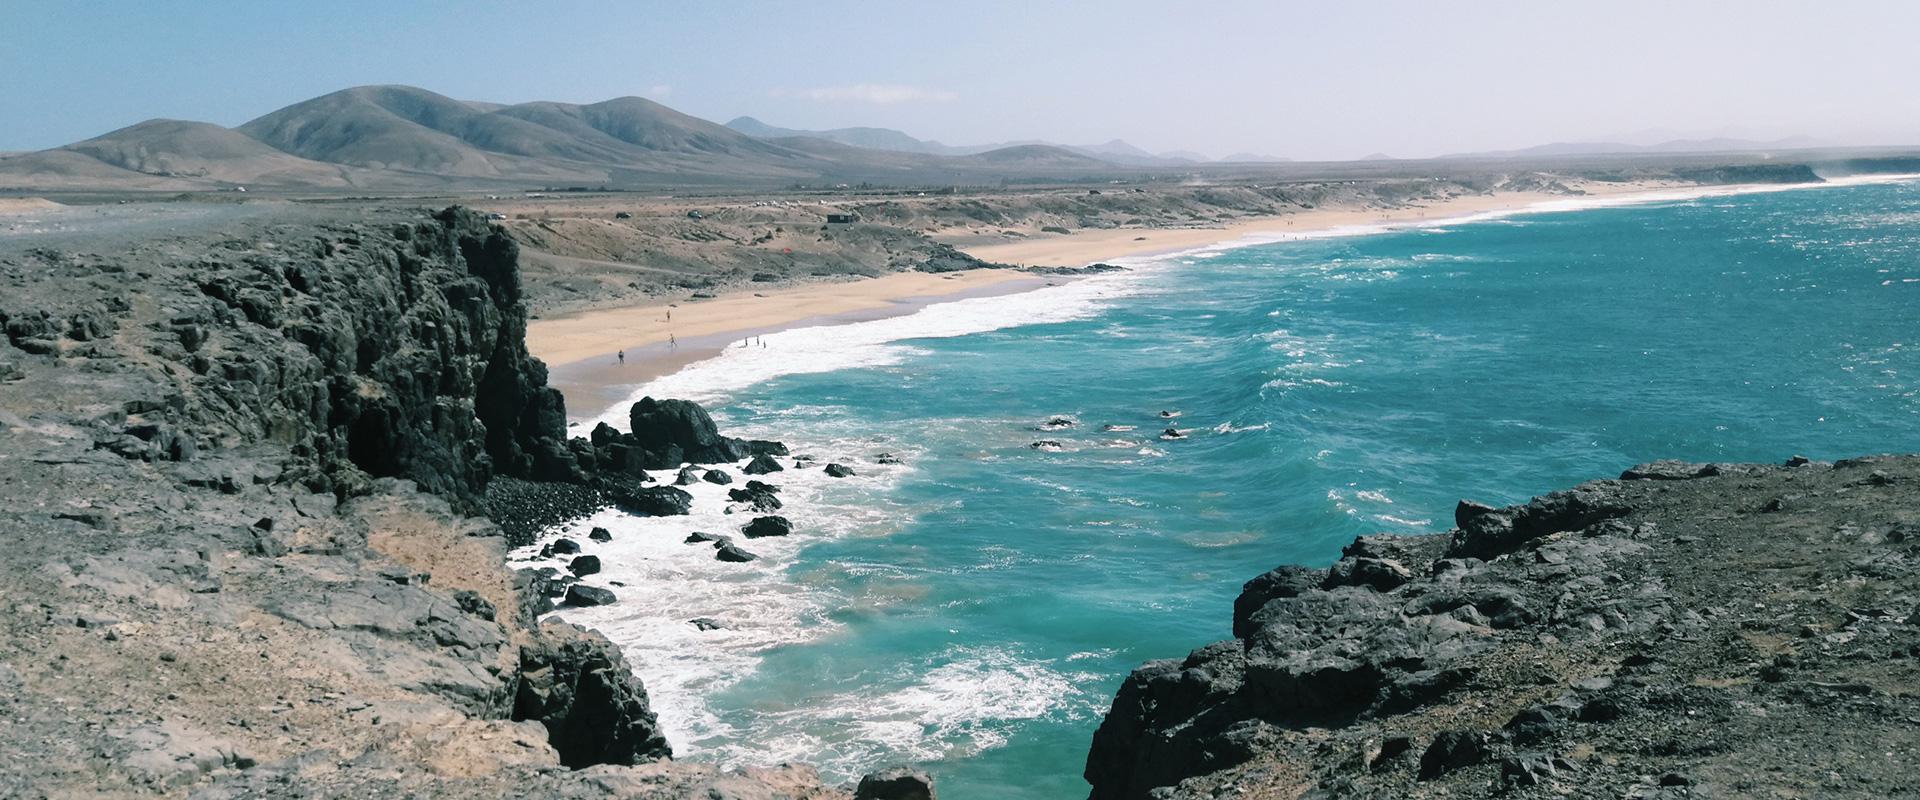 LA WAVE CANARIAS